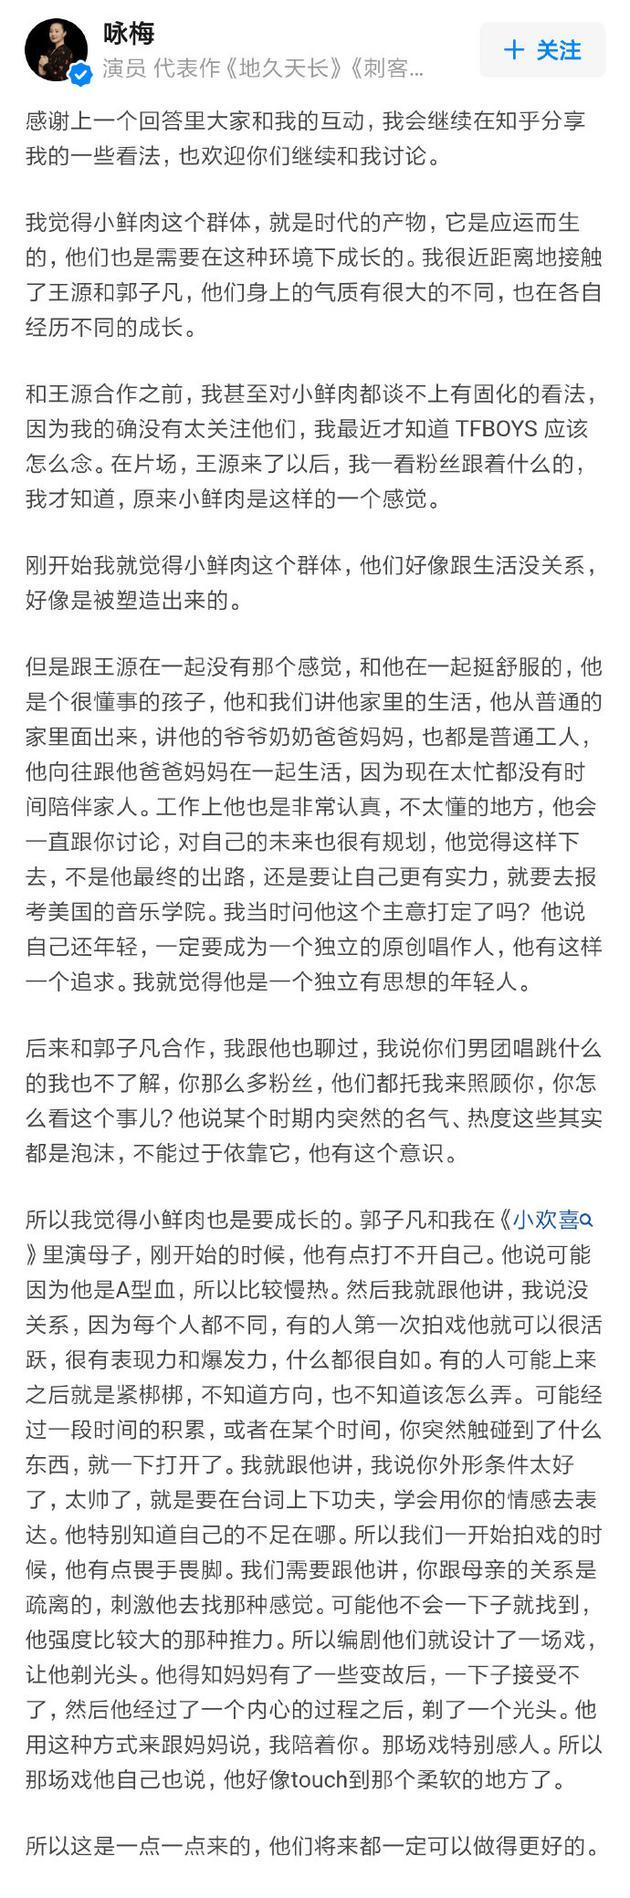 詠梅談與王源、郭子凡合作